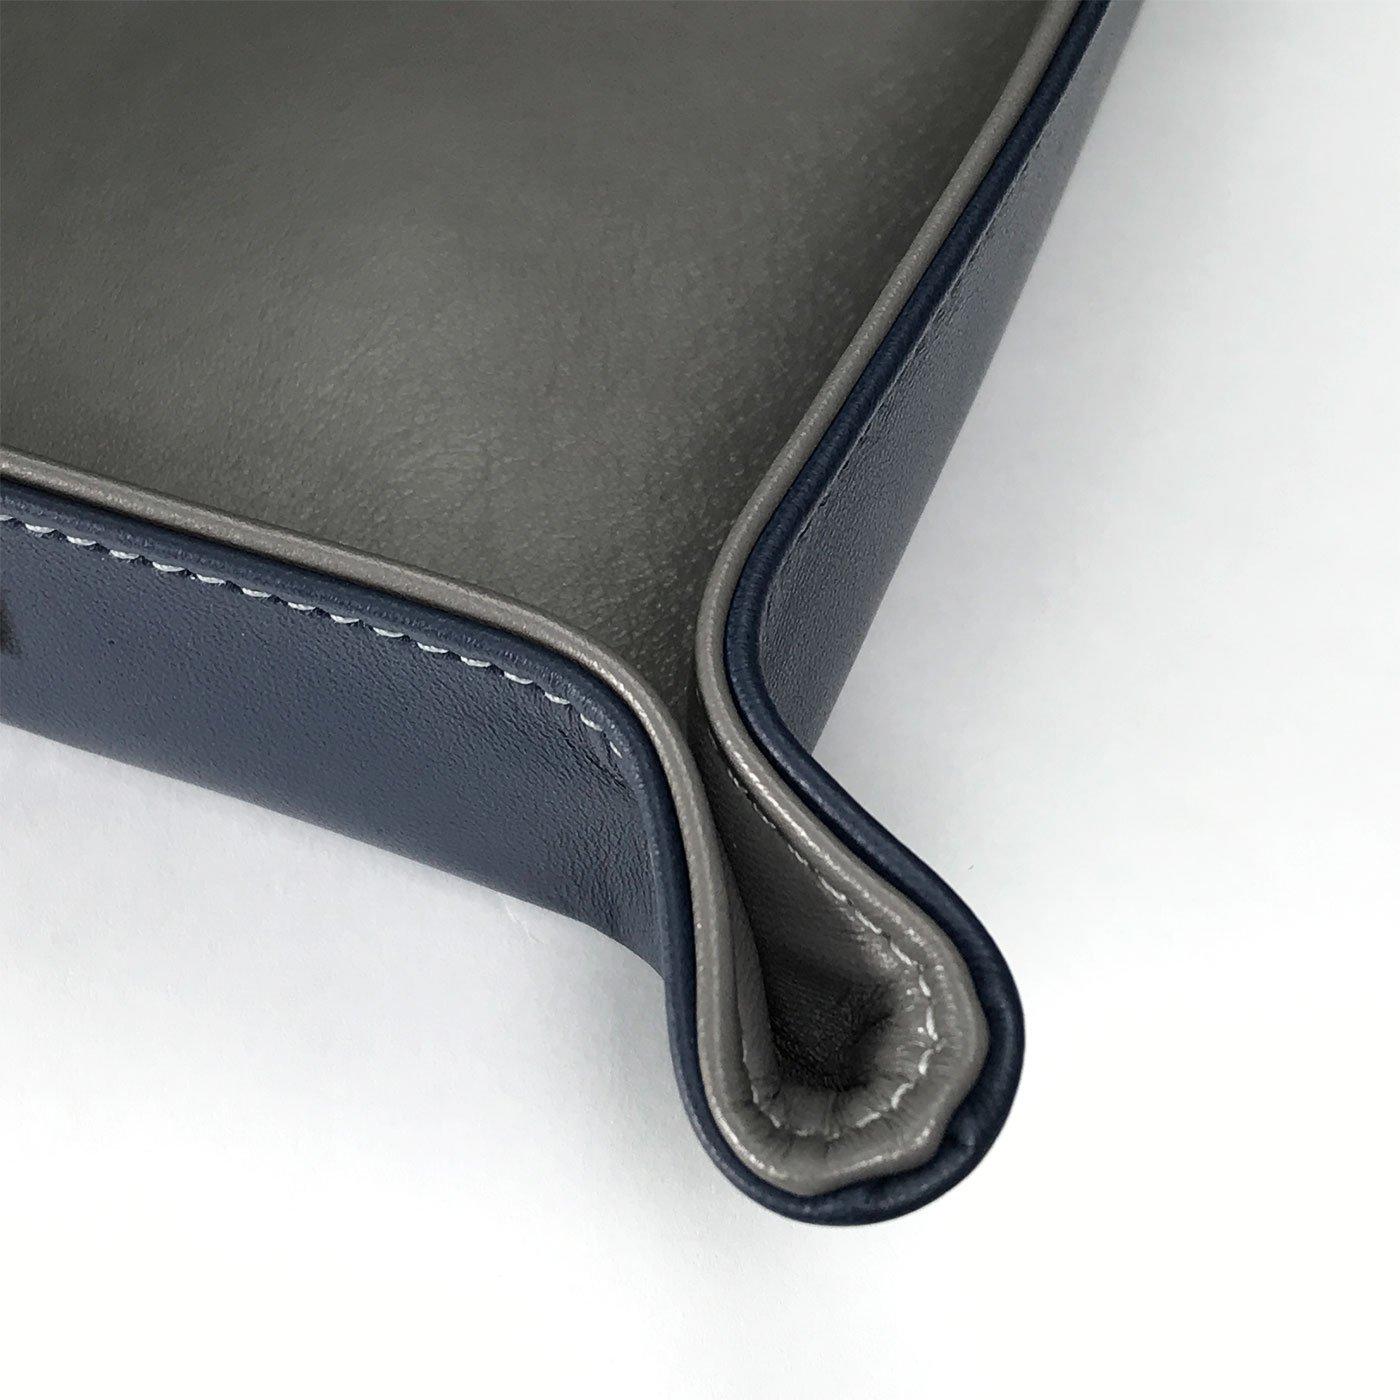 Handgefertigt in unserem Atelier 0-20 innen Schlamm//Braun Lederschale 20x20cm Doro von Hagen/® Echt Leder Designer Taschenleerer aussen Schwarz Schl/üsselschale